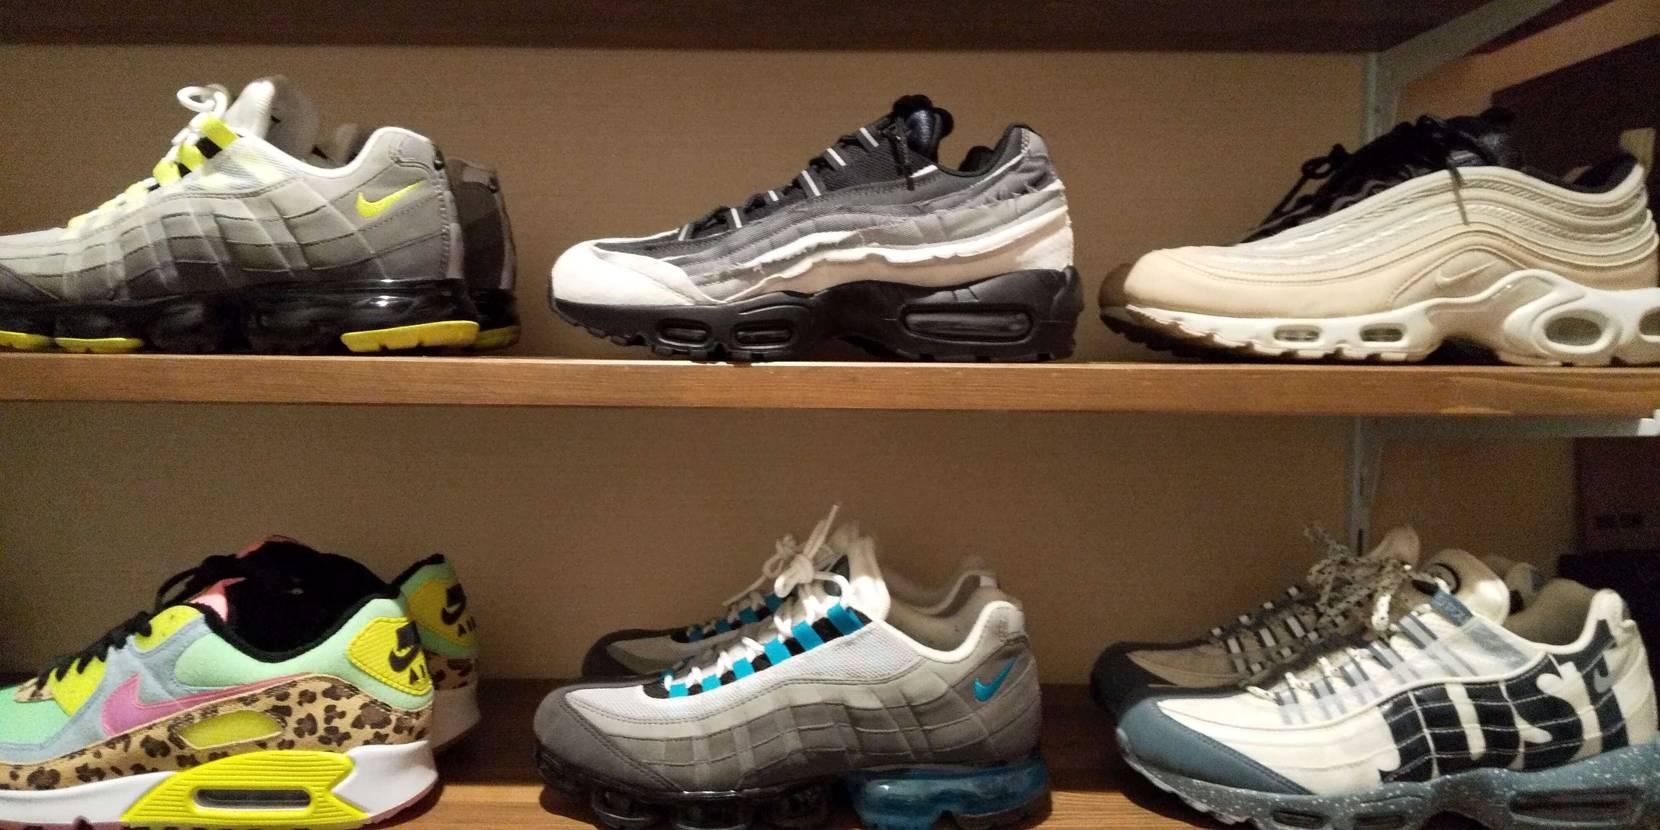 こうやって並べてみると、細部までデザインのこだわりを感じます。値段相応の靴と言え